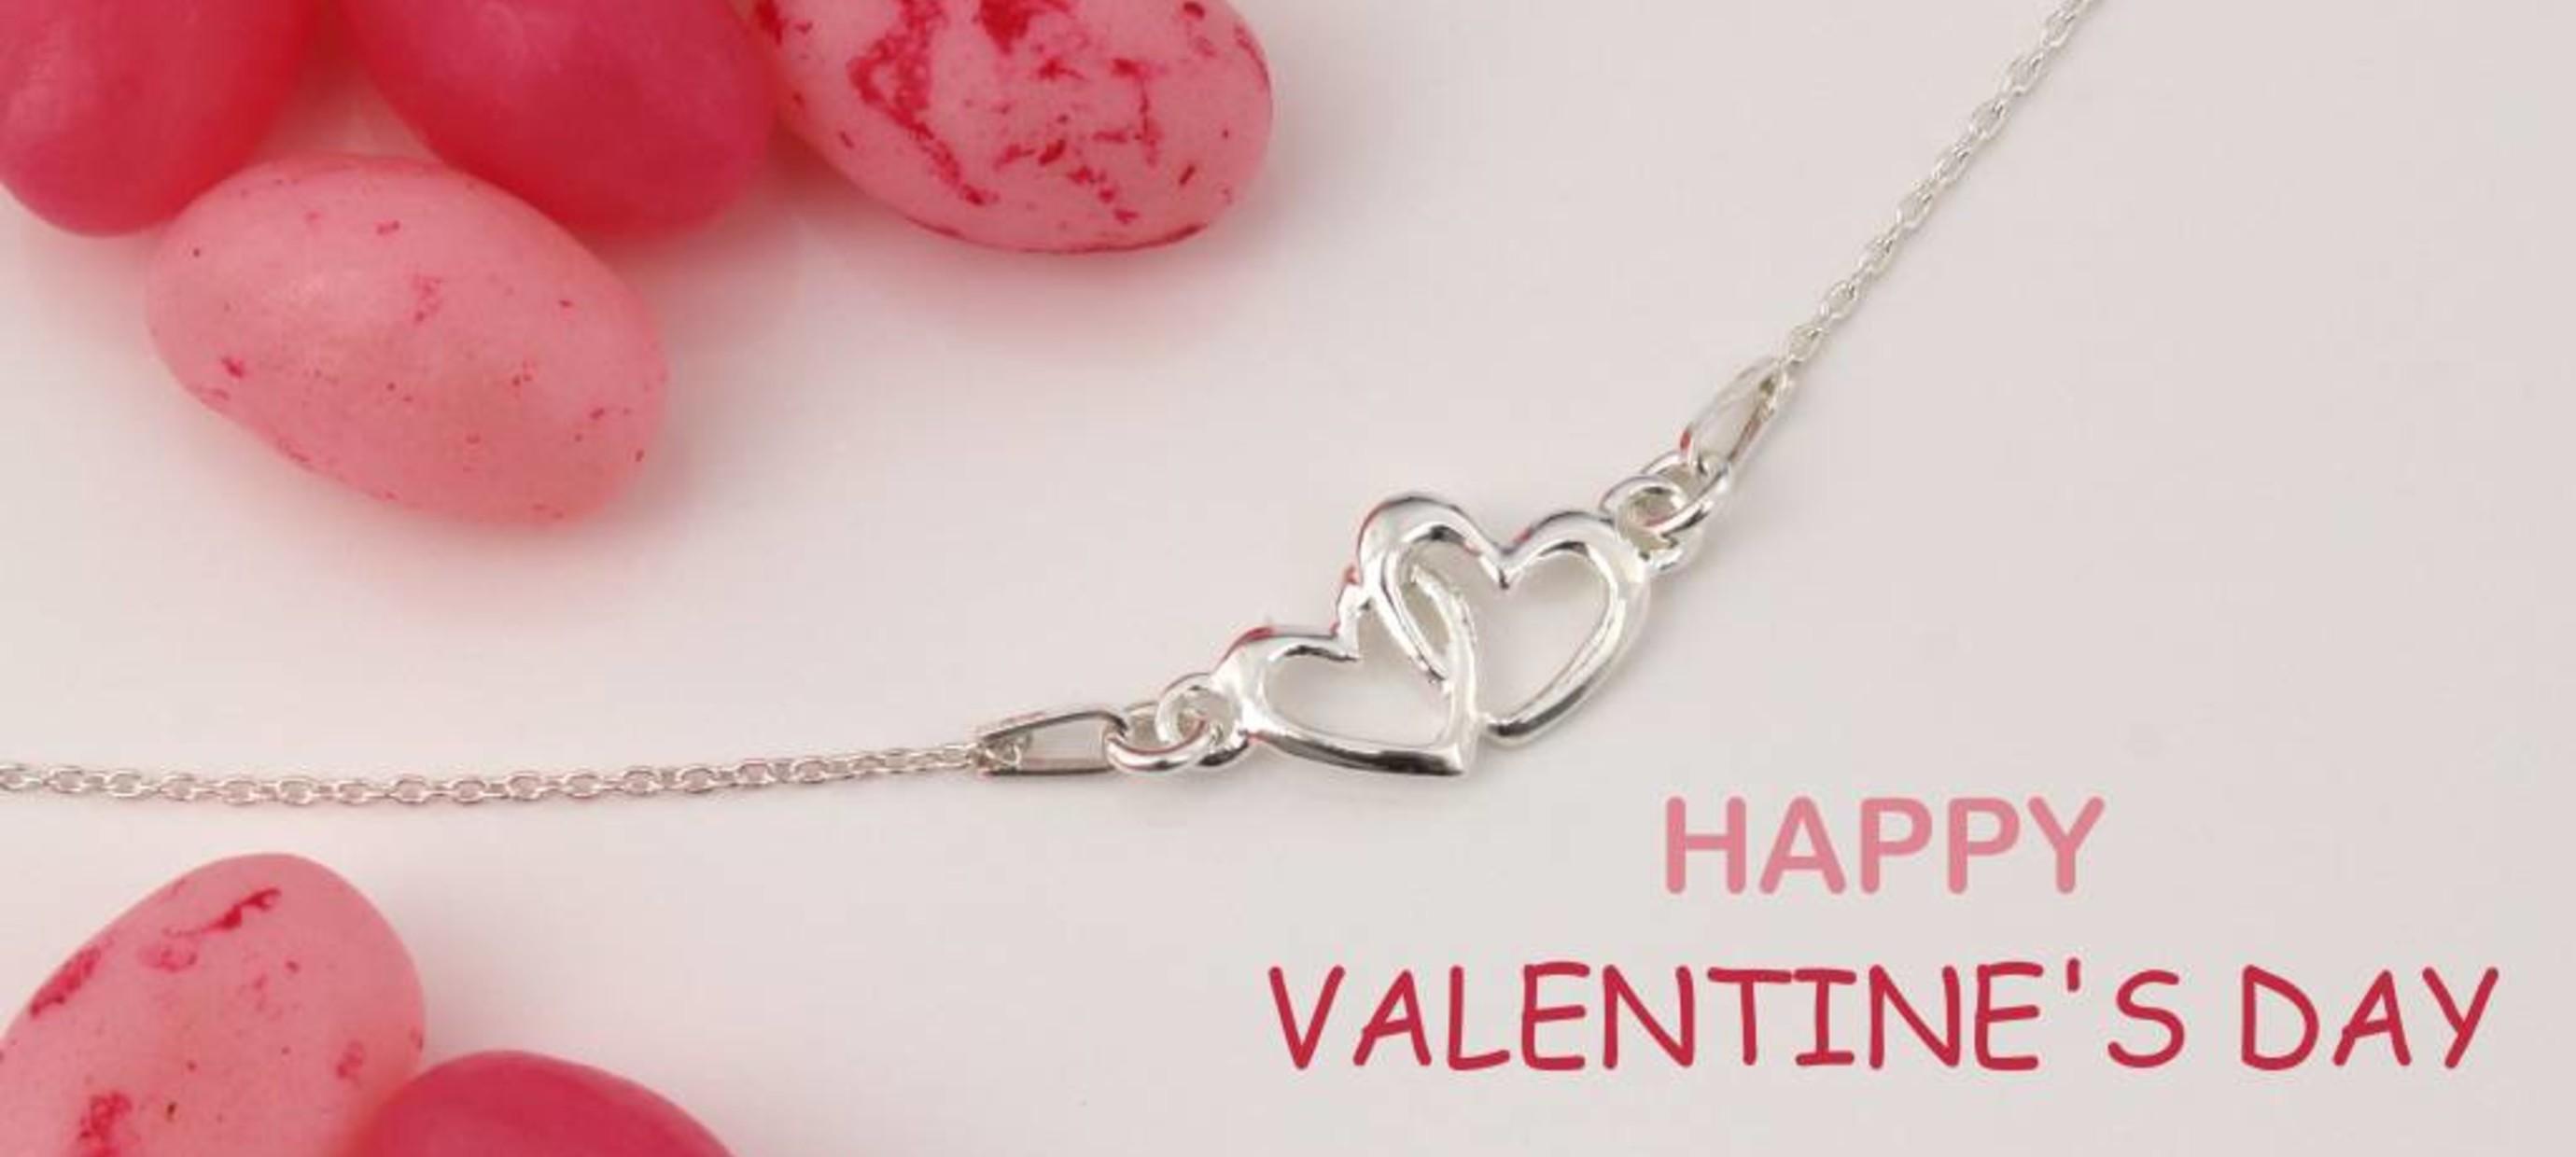 Sieraden voor Valentijnsdag?